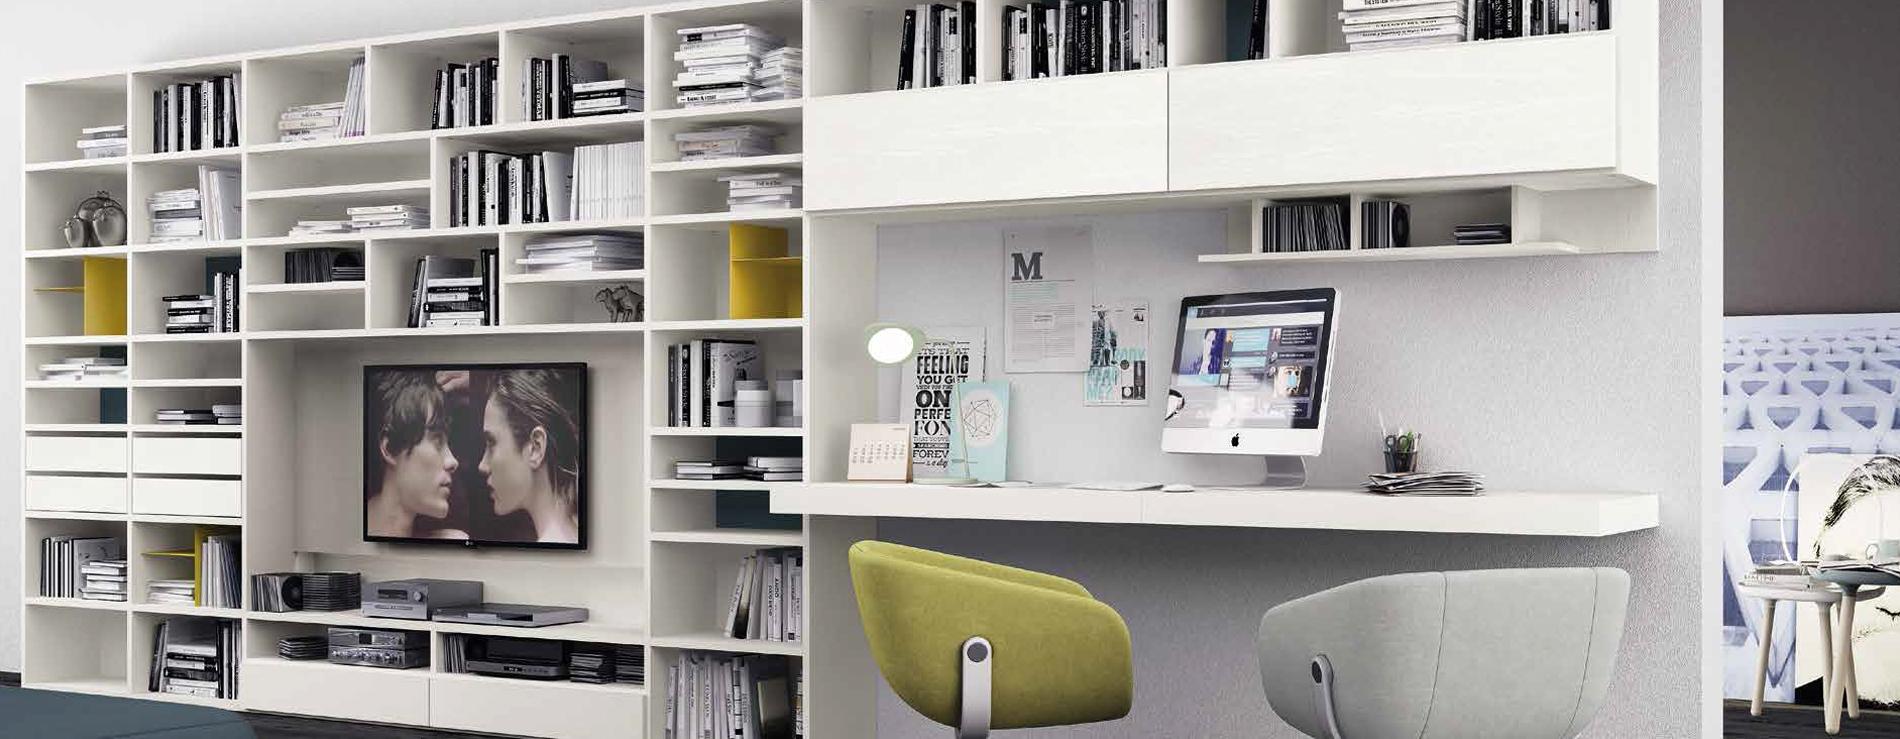 Infinity golf colombini centro mobili - Armadi per soggiorno ...